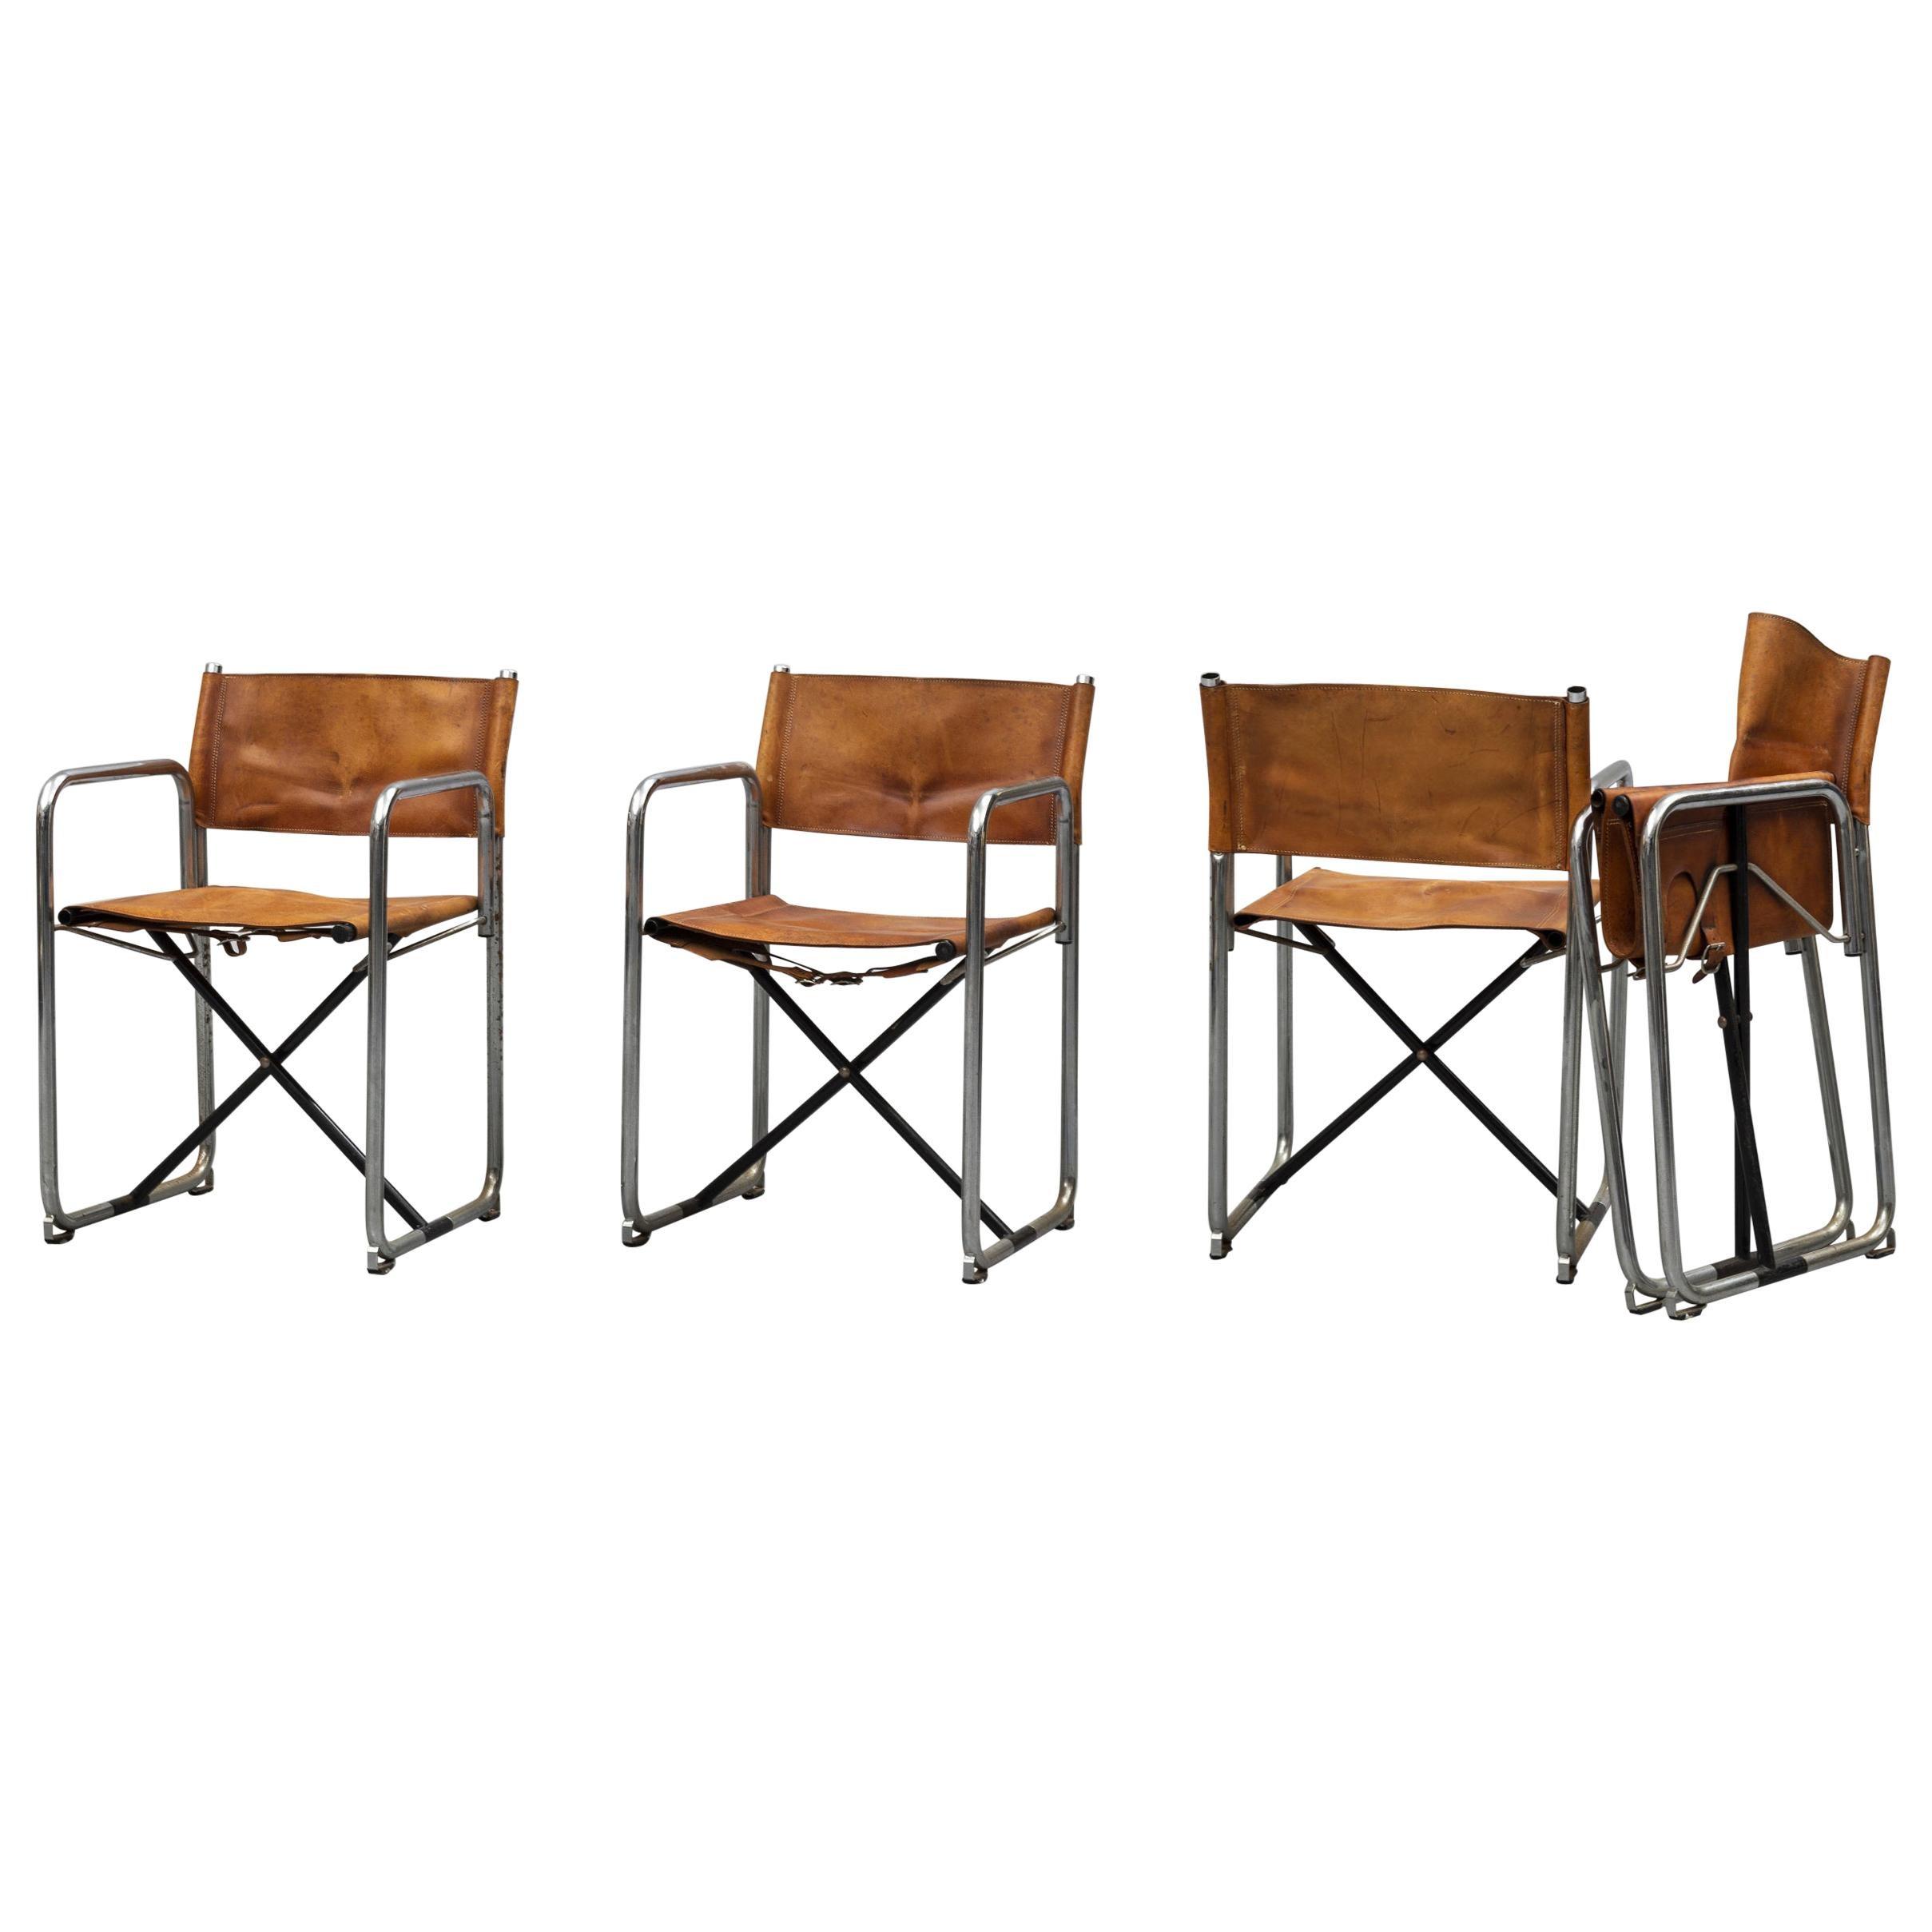 Borge Lindau & Bo Lindekrantz Leather Folding Chairs, Sweden 1965, Set of 4